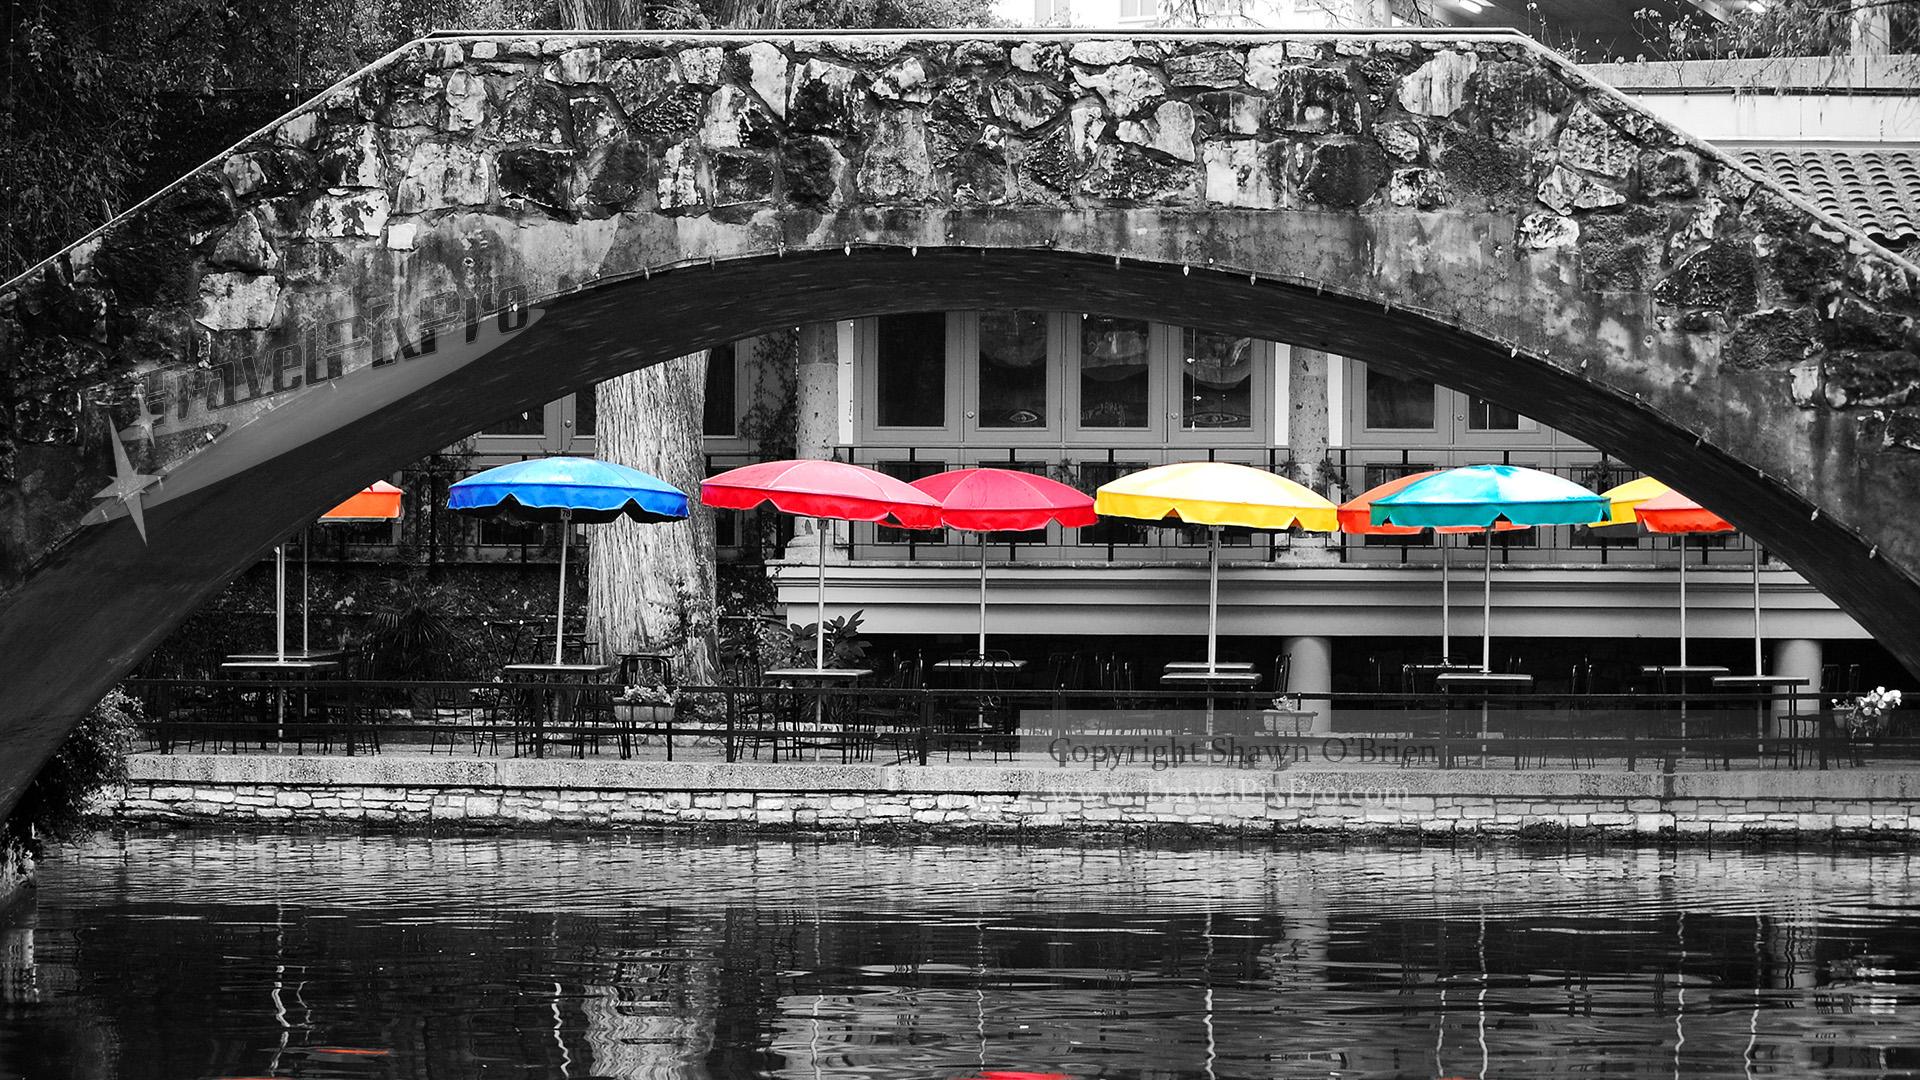 San Antonio Riverwalk Umbrellas